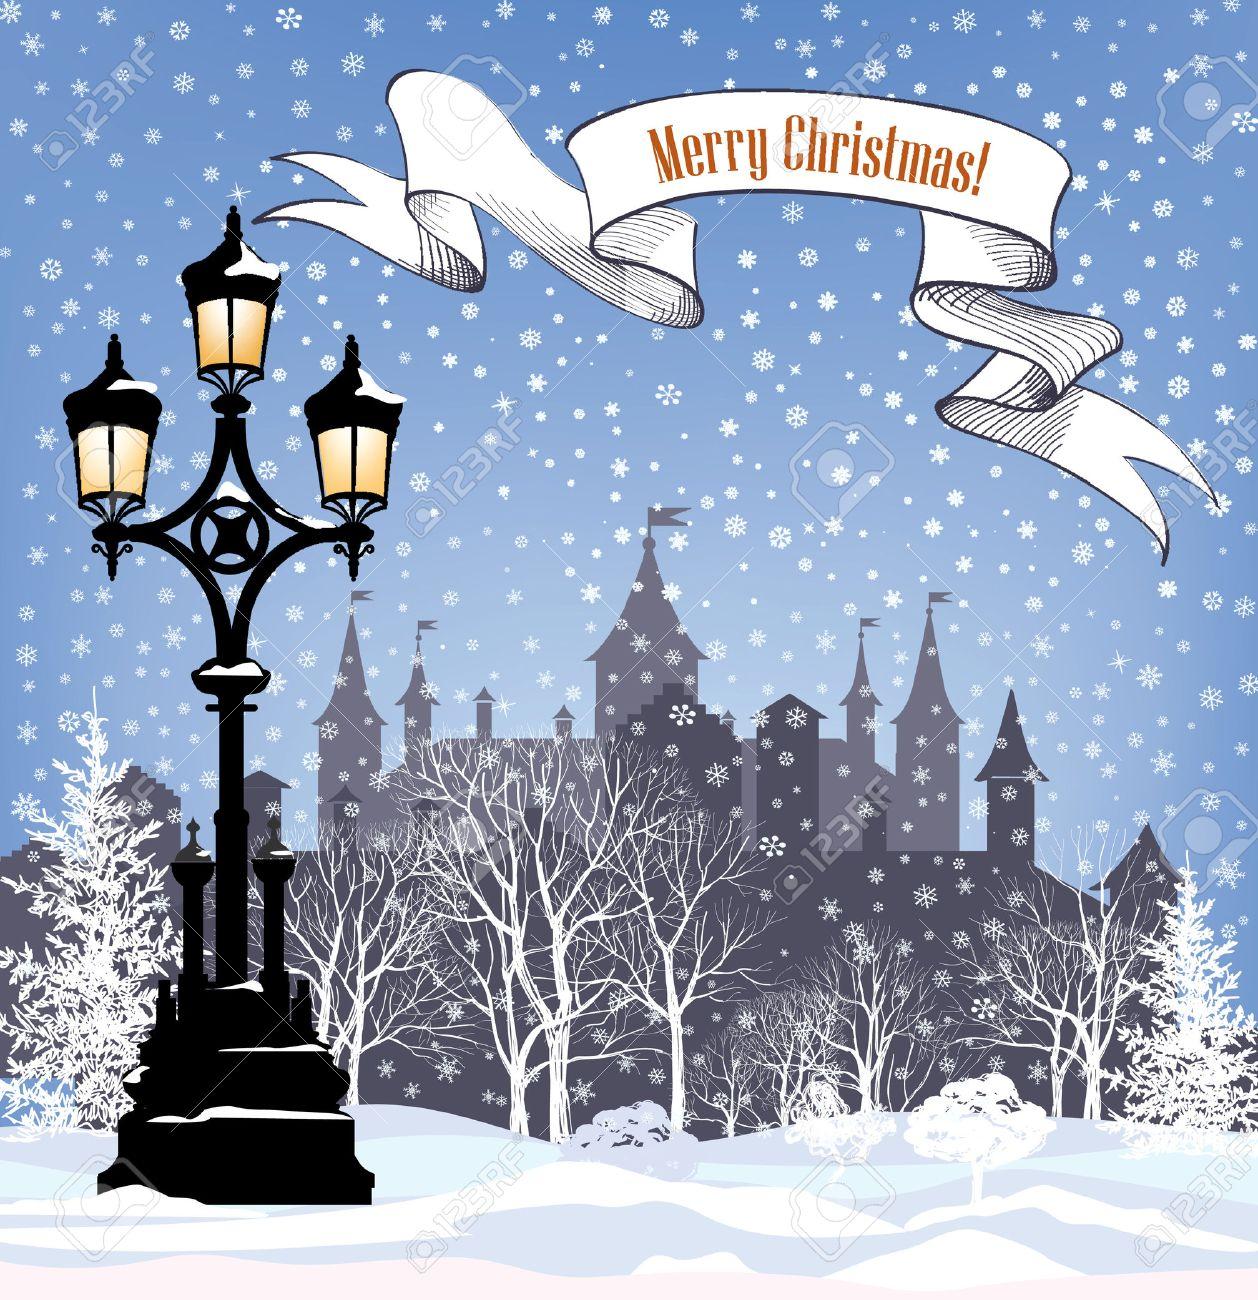 Winterurlaub Schnee Hintergrund. Frohe Weihnachten Grußkarte. Snowy ...